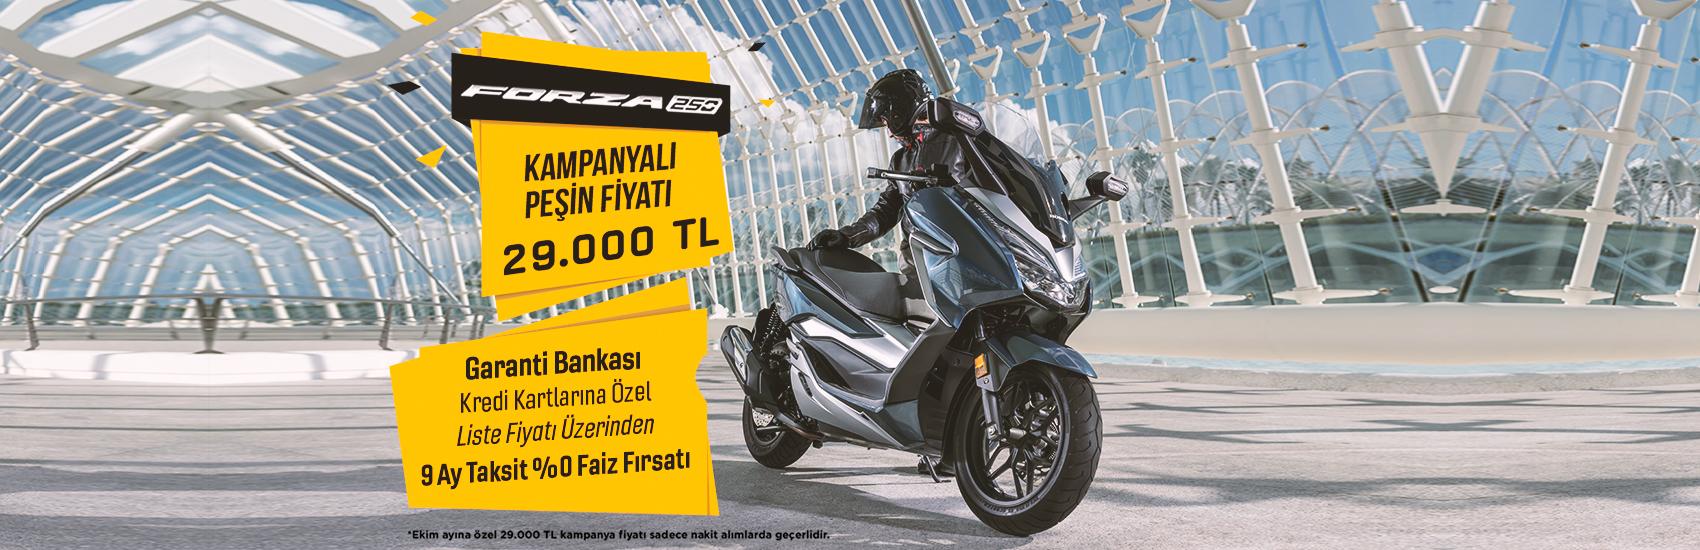 Forza 250 Nakit Alımda İndirim Kampanyası